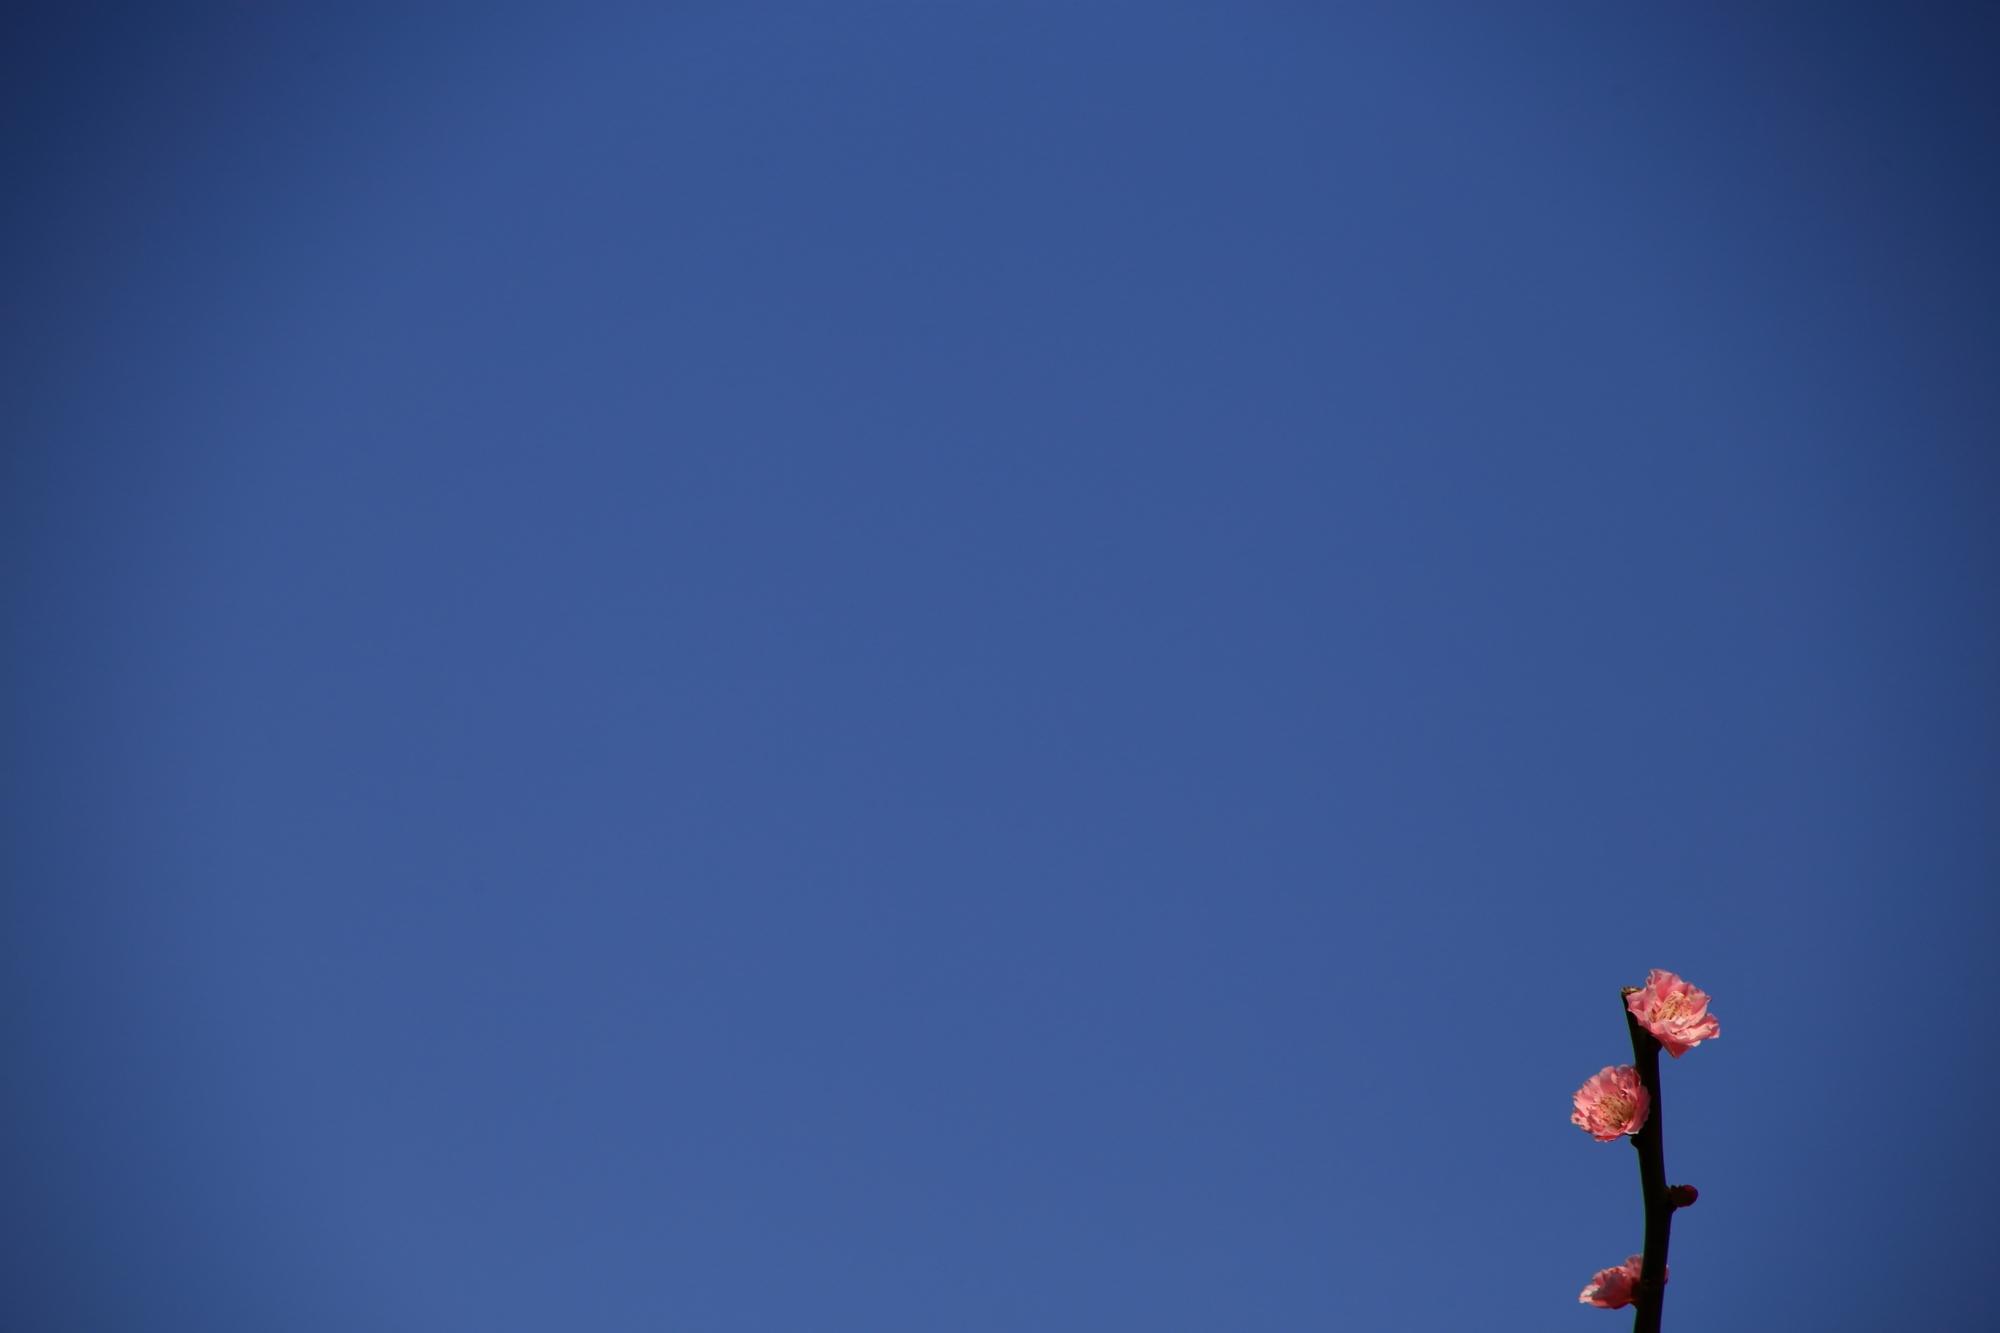 青空にむかって咲く可憐な梅の花